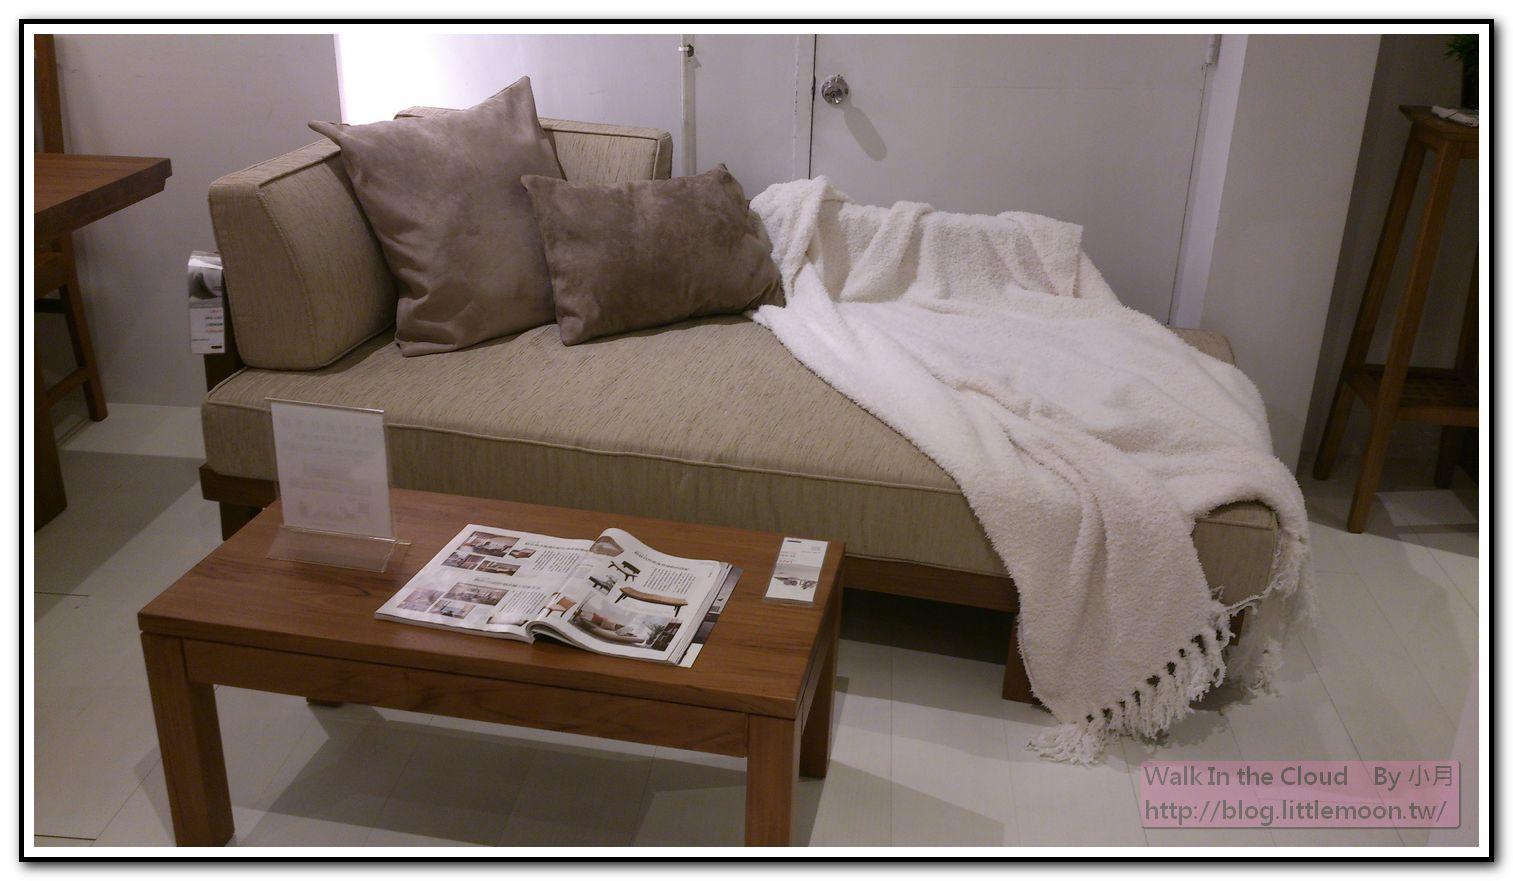 #E6512 本檔期最優惠 單人沙發床 23900元 (適合看電視臥倒用,附贈枕頭*2、披毯*1)